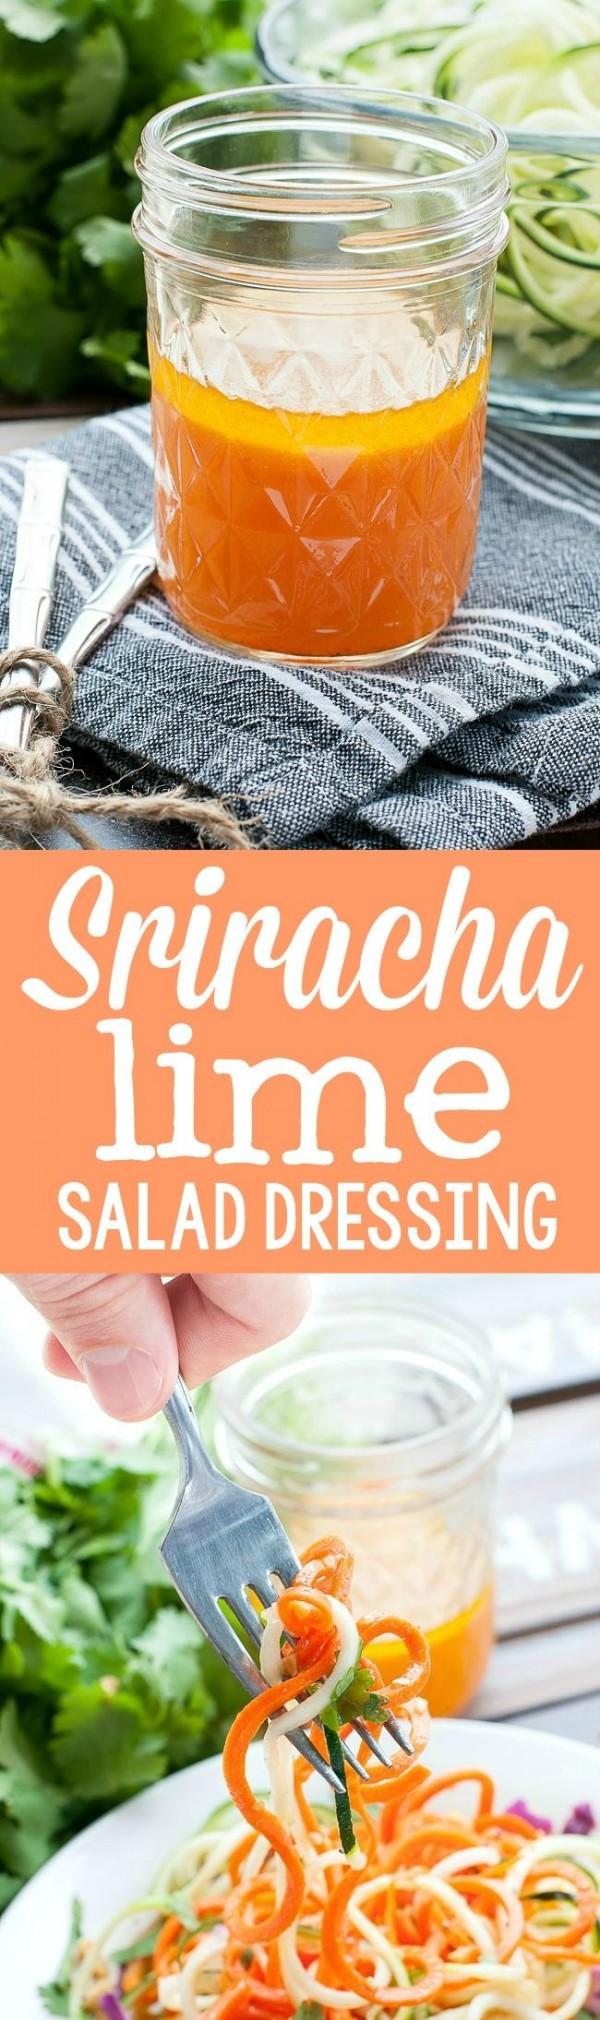 Get the recipe Sriracha Lime Salad Dressing @recipes_to_go